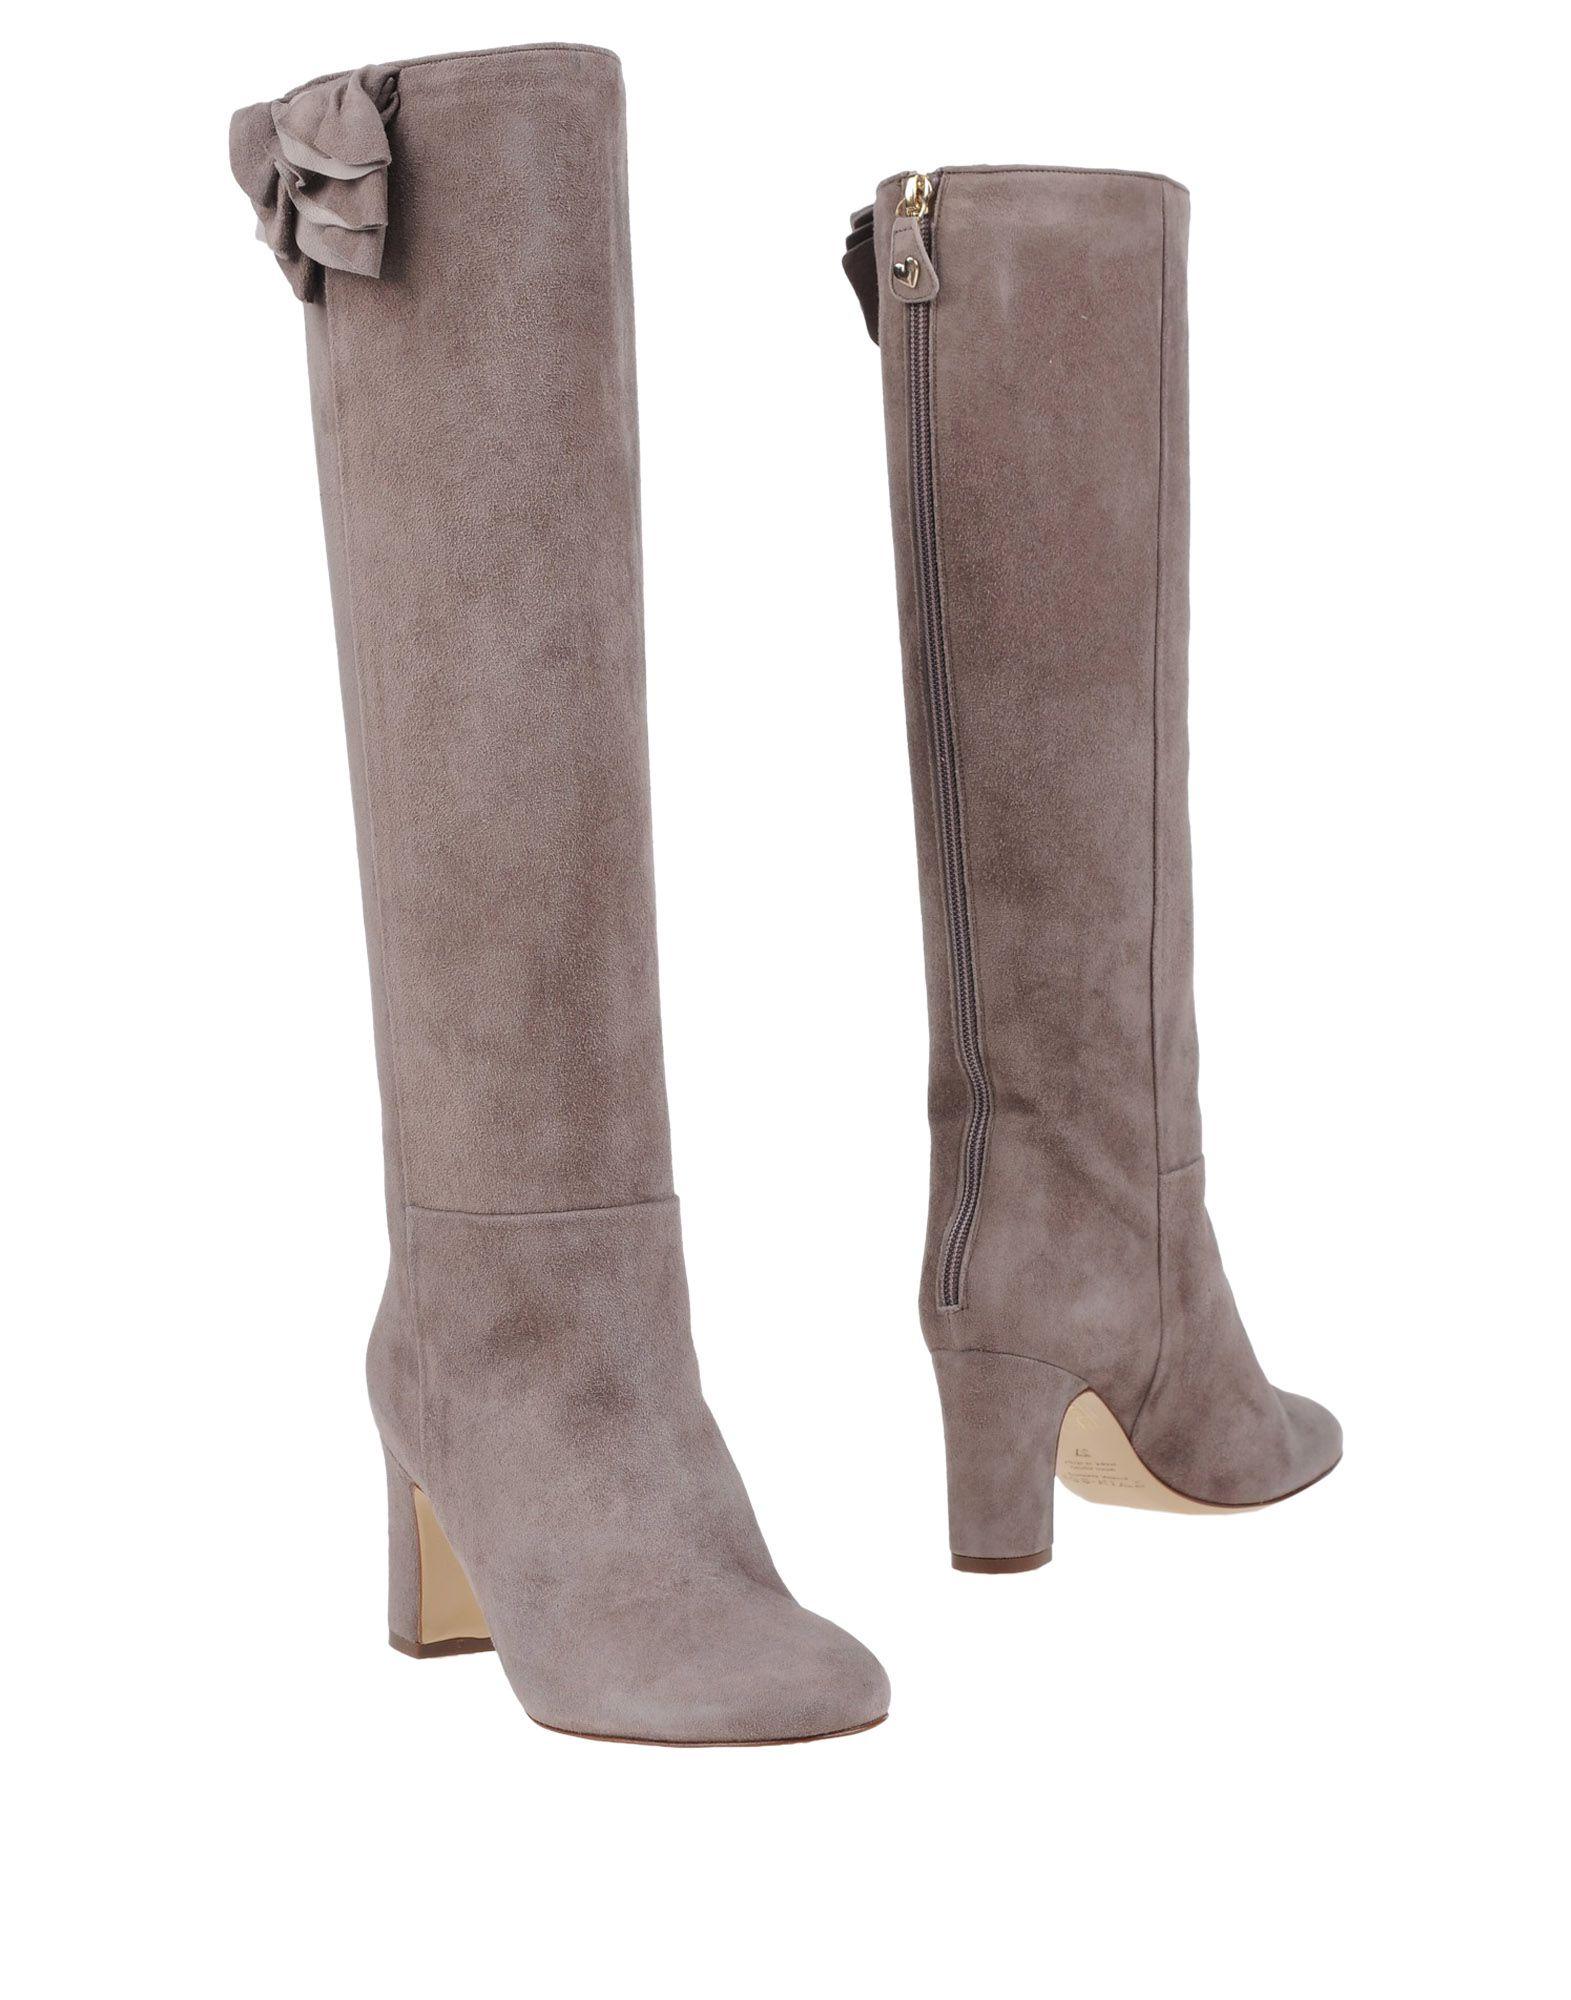 Haltbare Haltbare Haltbare Mode billige Schuhe Twin 11048815FT Beliebte Schuhe 3c4dfe